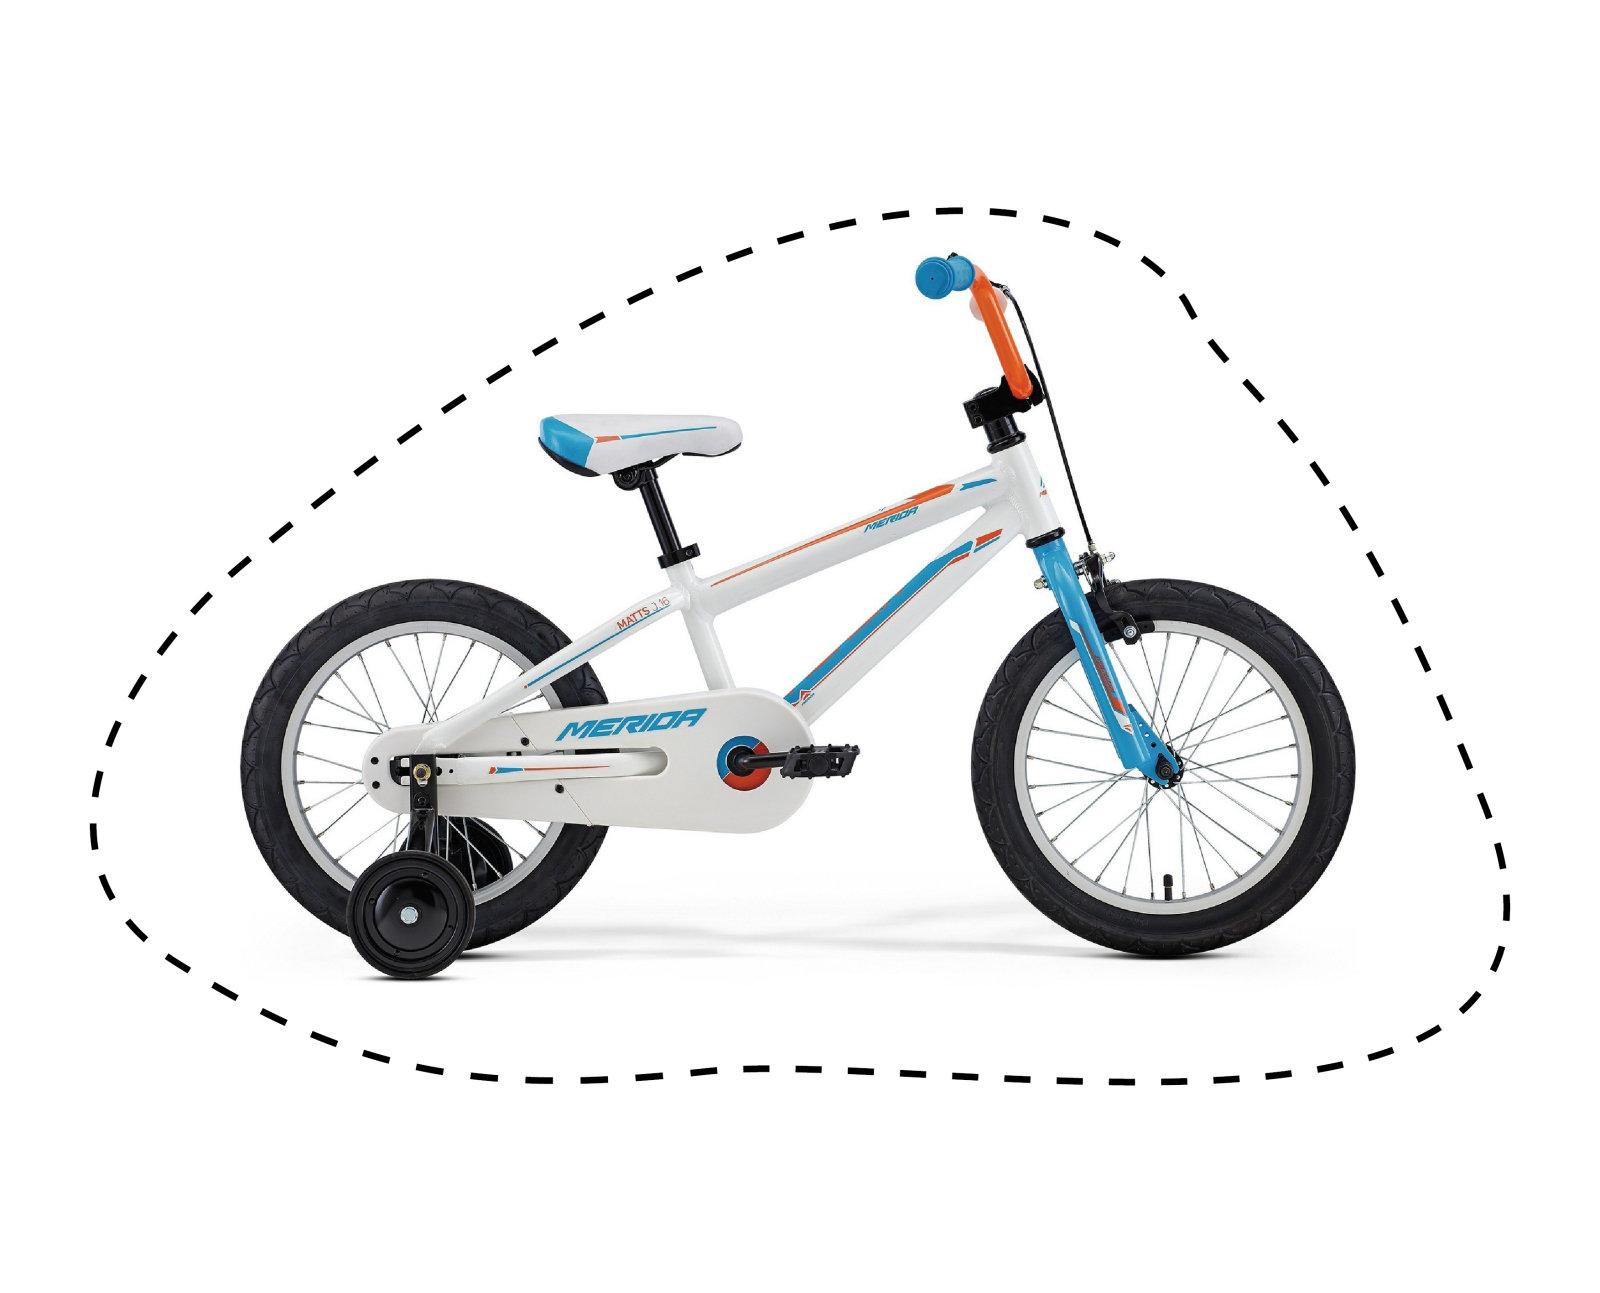 89eda4c3171 Eri värvides müüdav kvaliteetne ratas nii tänavale kui maastikule. Sobib  3–6aastasele. 16 tolli, alumiiniumraam. Käsi- ja jalgpidur. Kaal 10 kg.